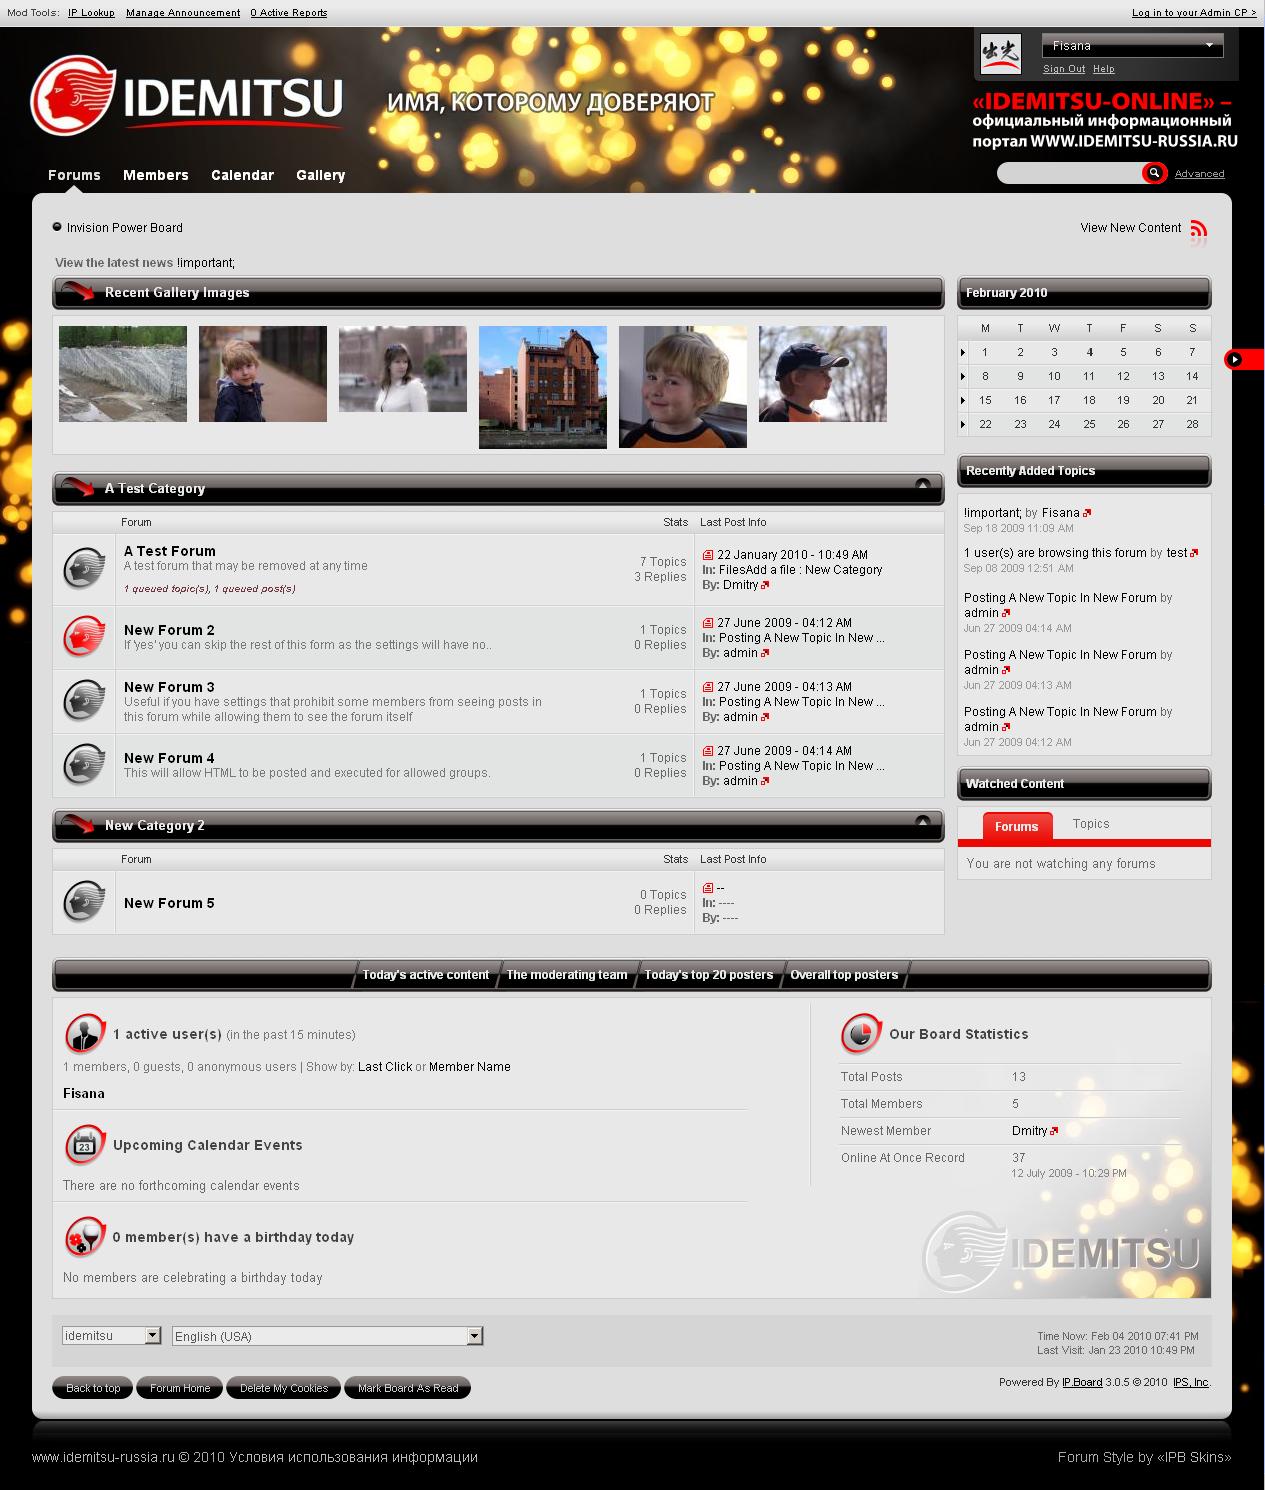 Дизайн создание сайтов продвижение сайтов ipb дёшево раскрутка сайта продвижение send thread